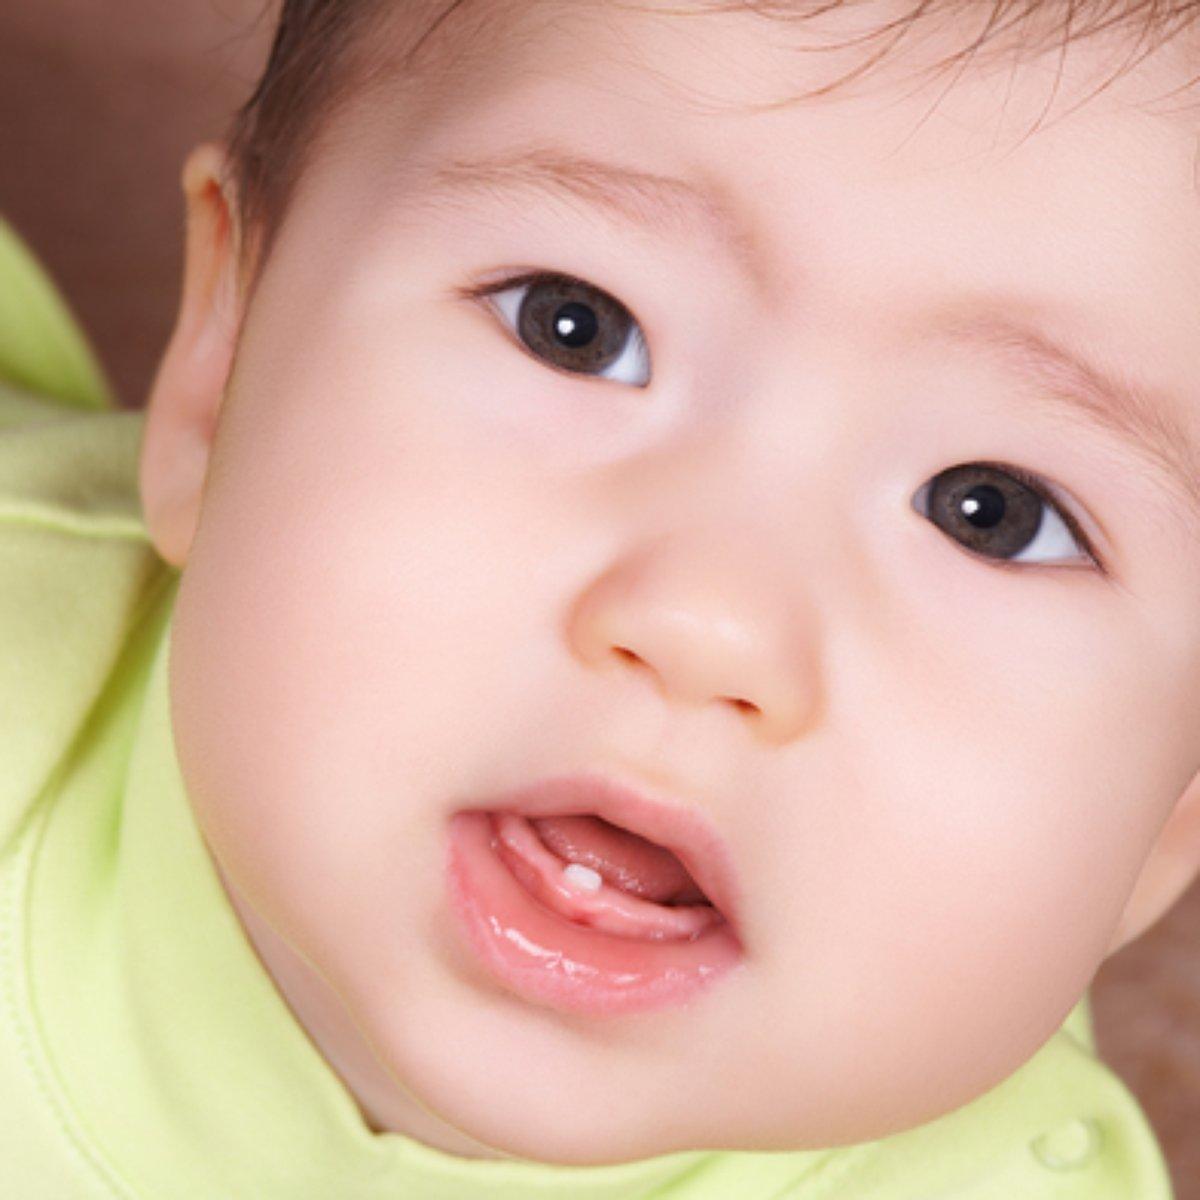 temperatura normal en bebes de 9 meses